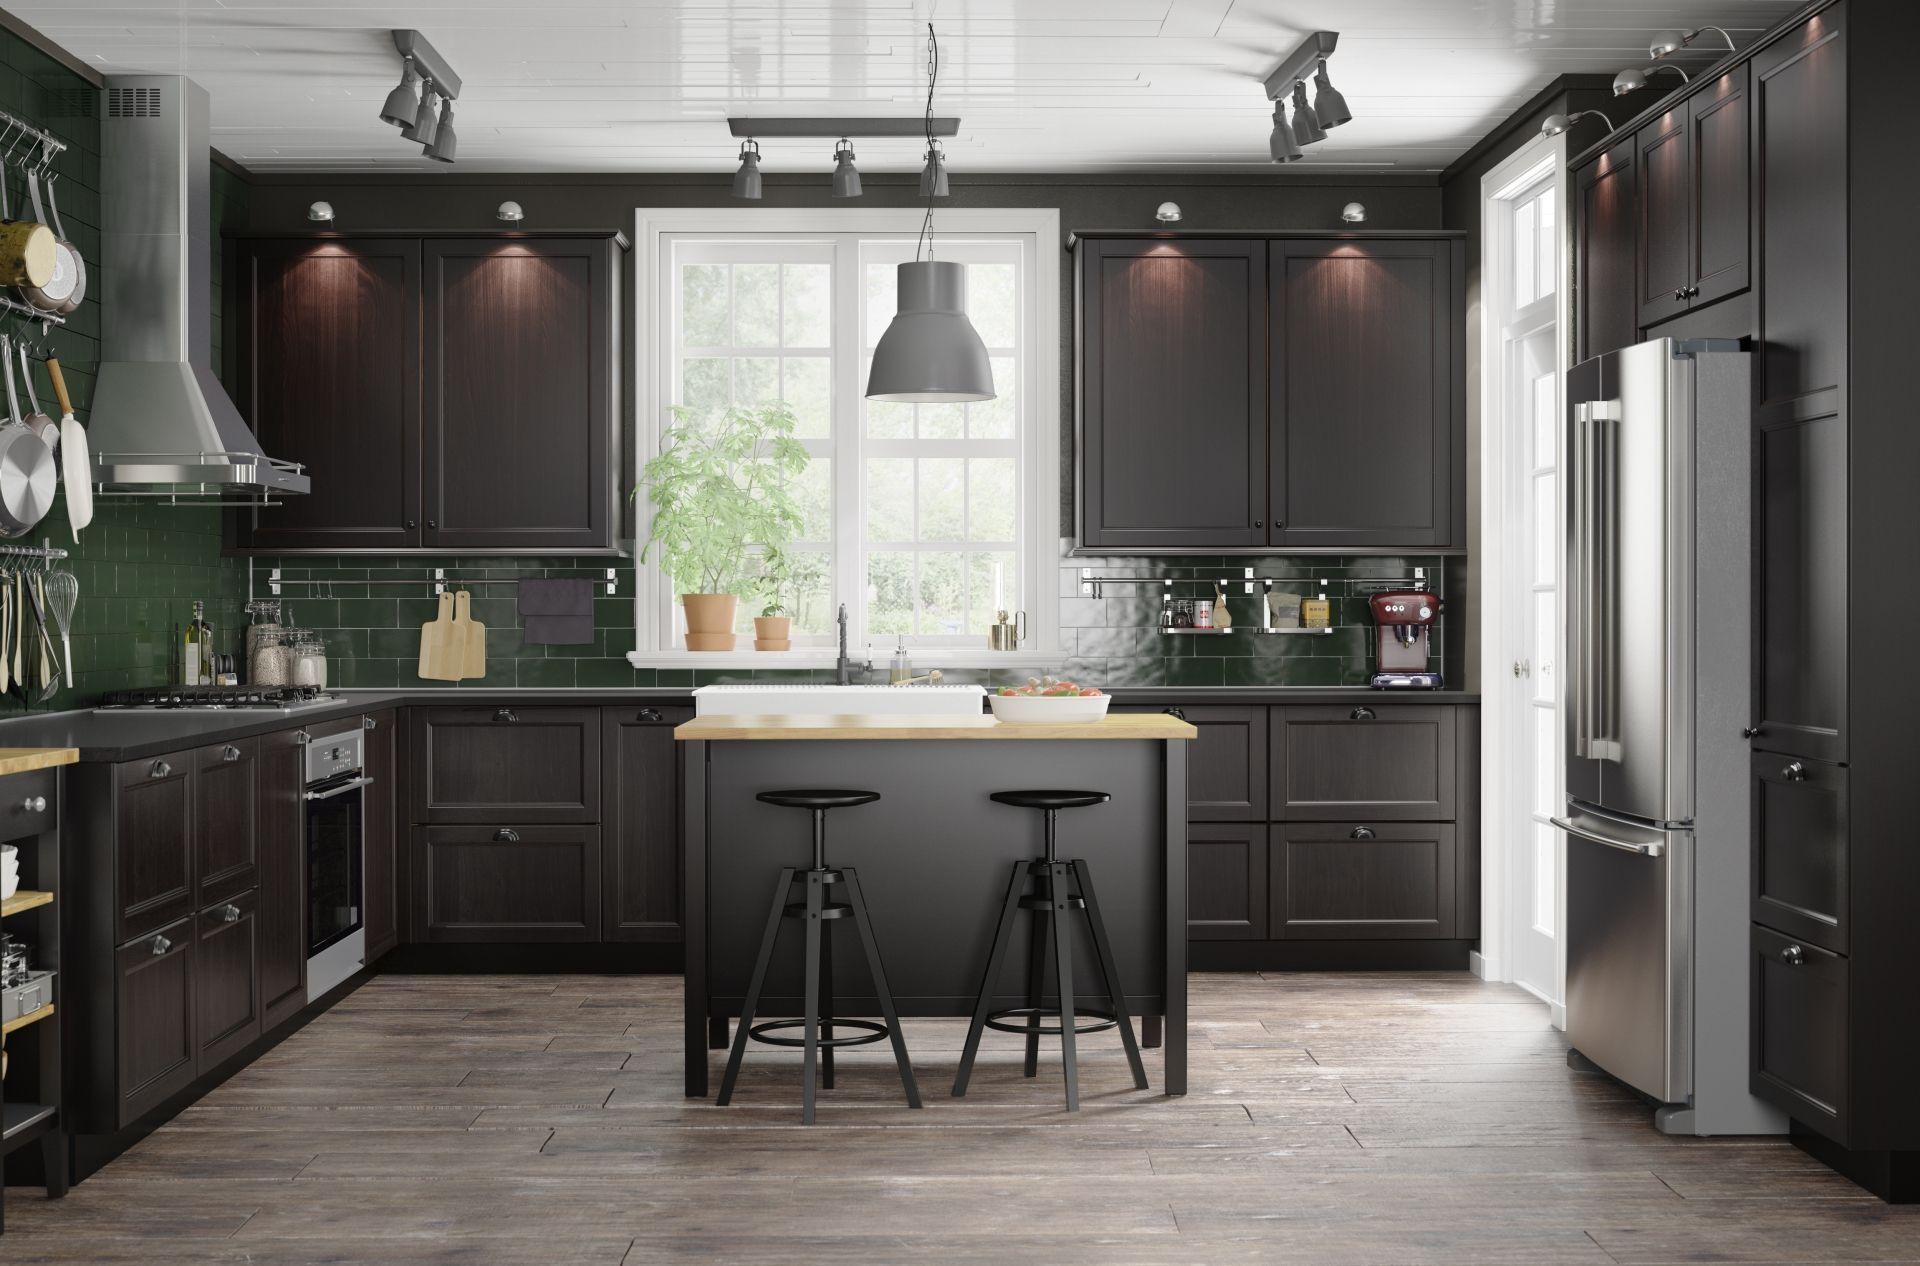 Keuken Zwart Ikea : Laxarby ladefront ikea ikeanl ikeanederland keuken metod serie